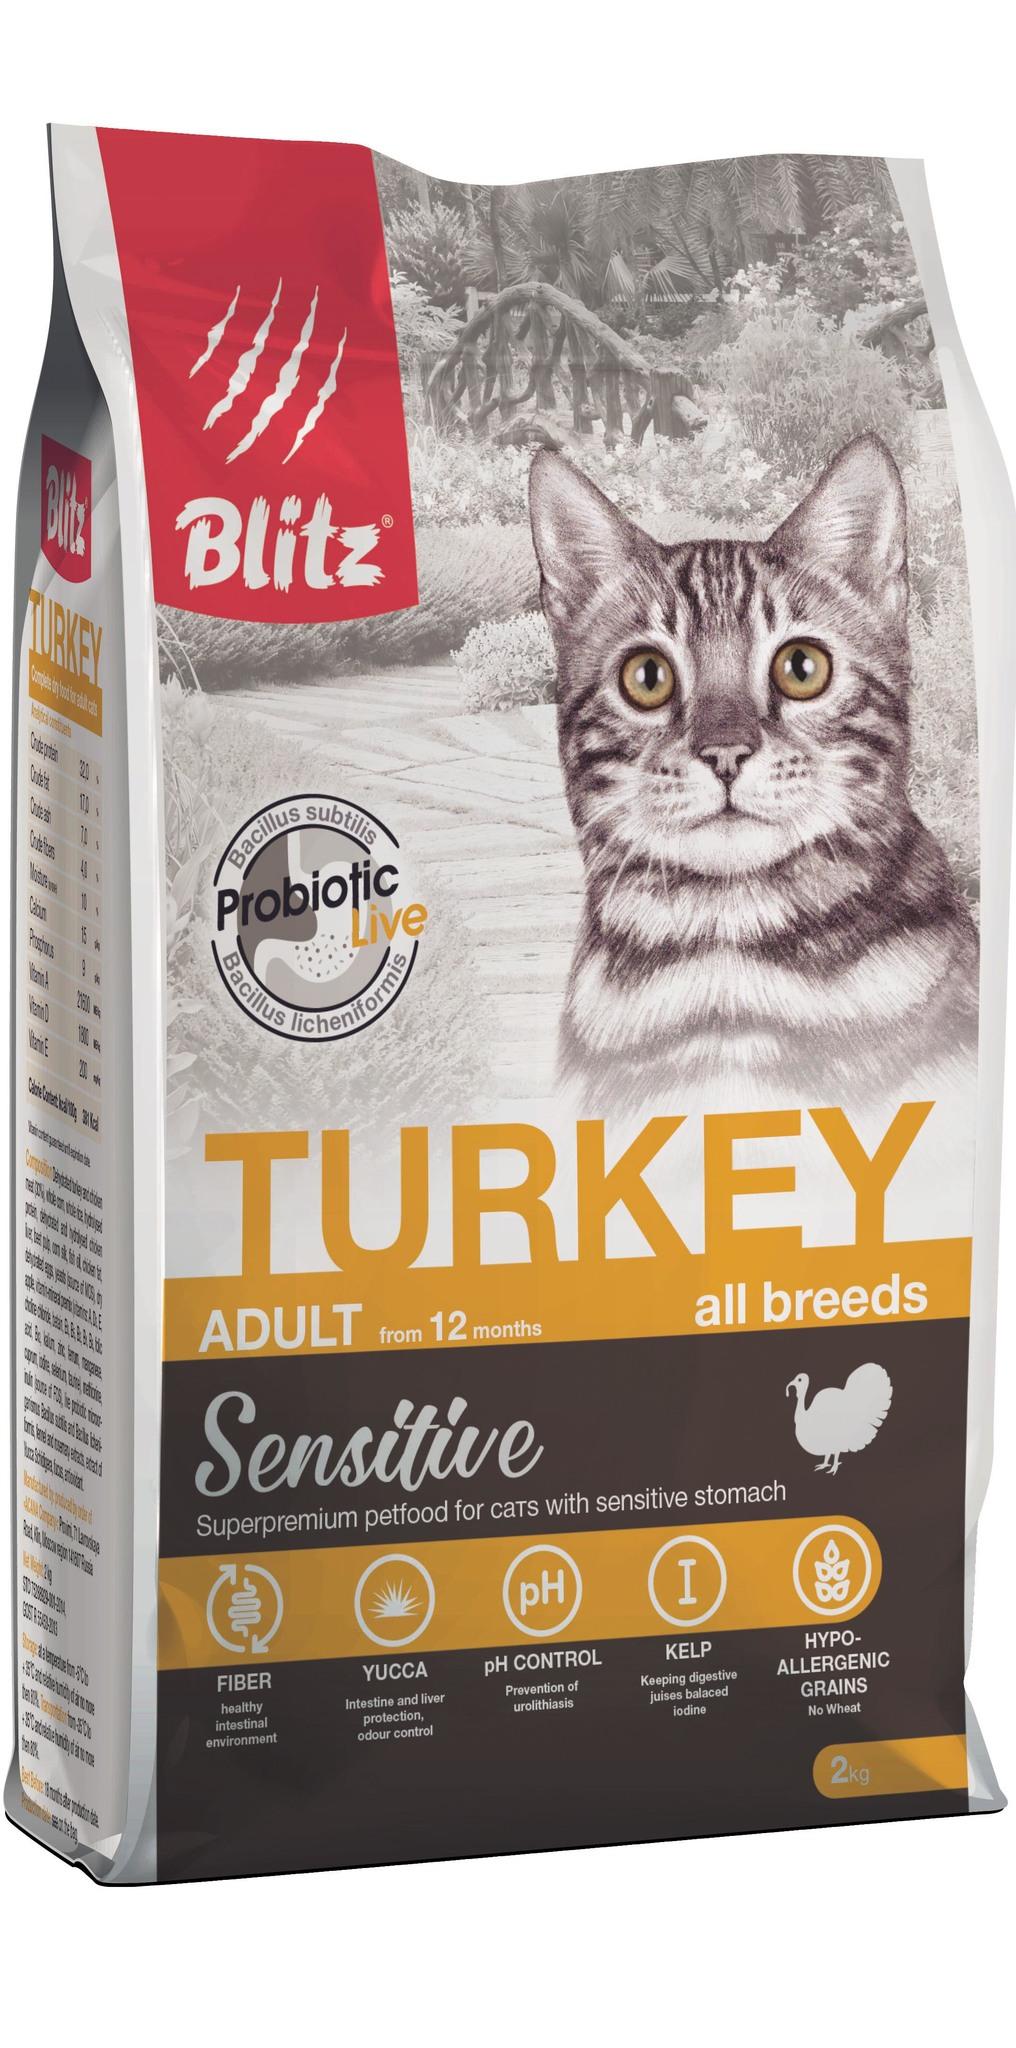 купить Blitz Adult Cats Turkey сухой корм для взрослых кошек с индейкой 2 кг акция